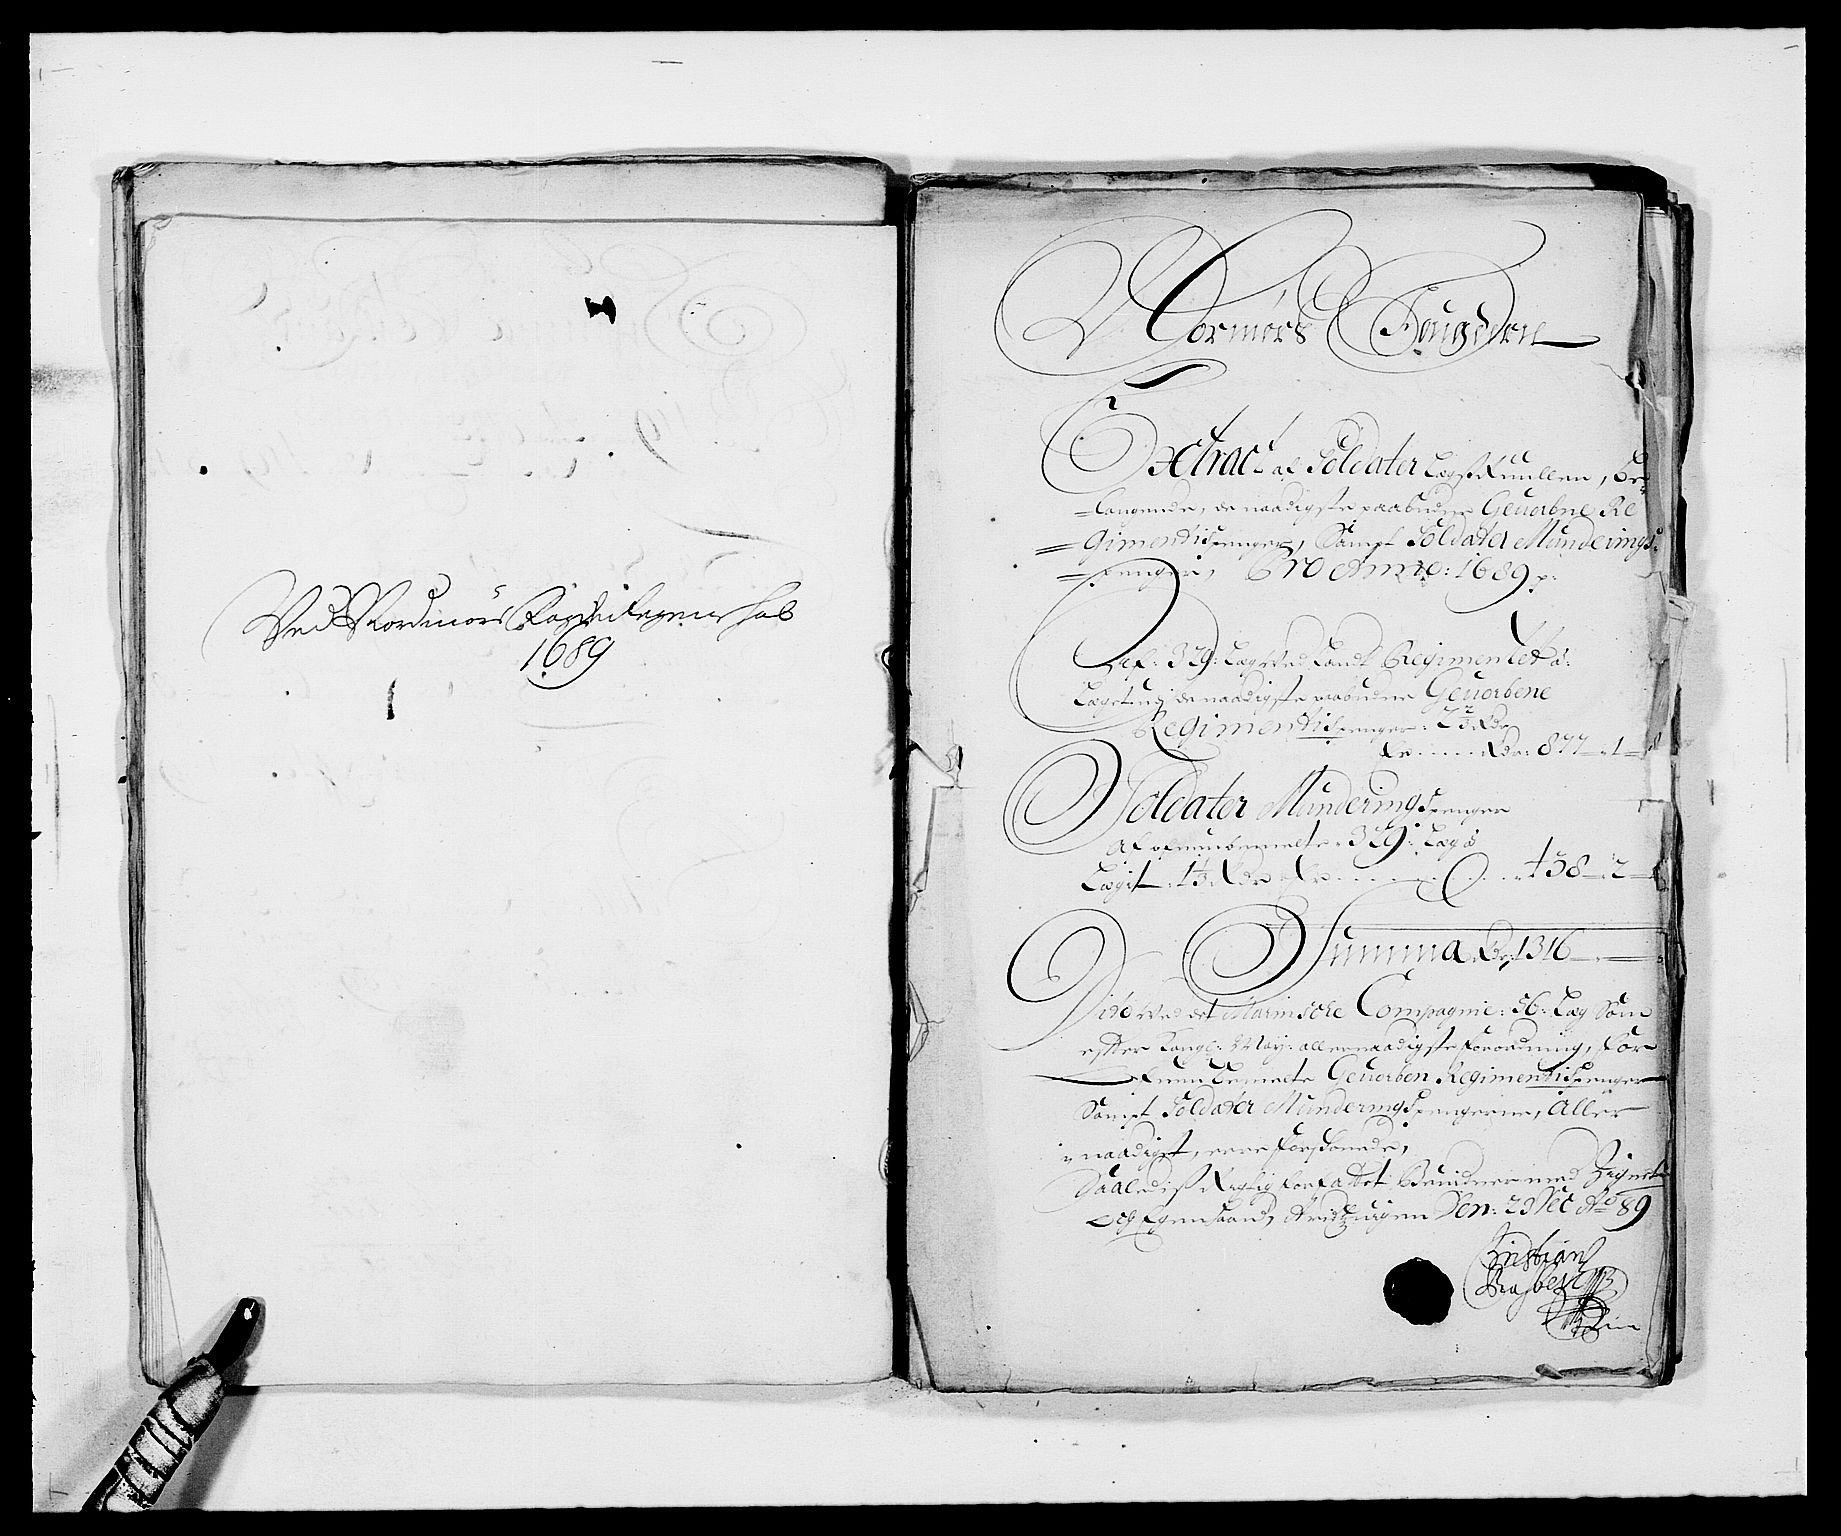 RA, Rentekammeret inntil 1814, Reviderte regnskaper, Fogderegnskap, R56/L3733: Fogderegnskap Nordmøre, 1687-1689, s. 378